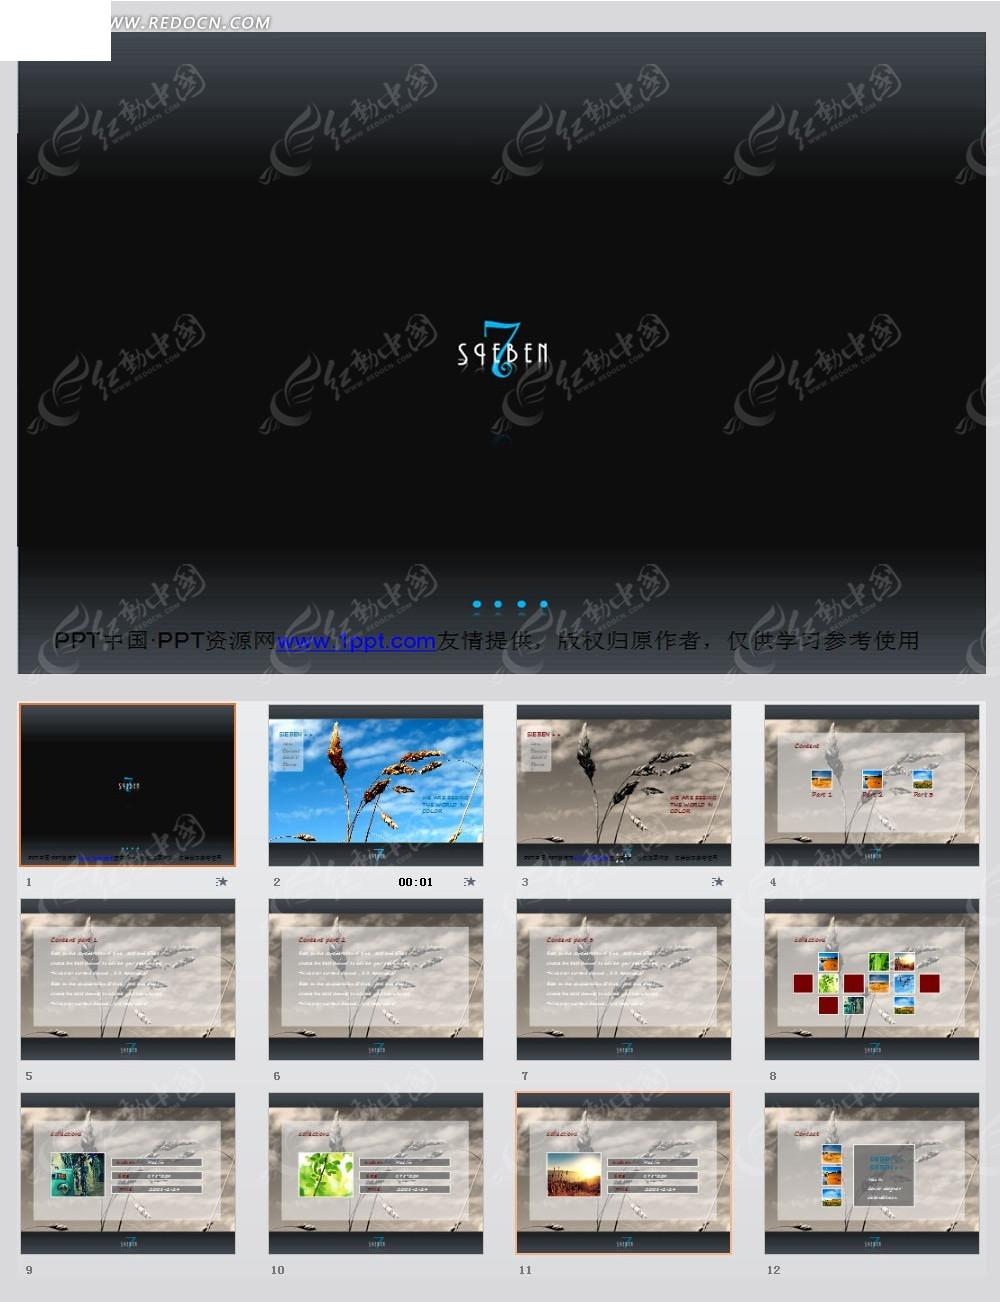 红动网所有作品均是用户自行上传分享并拥有版权或使用权,仅供网友学图片